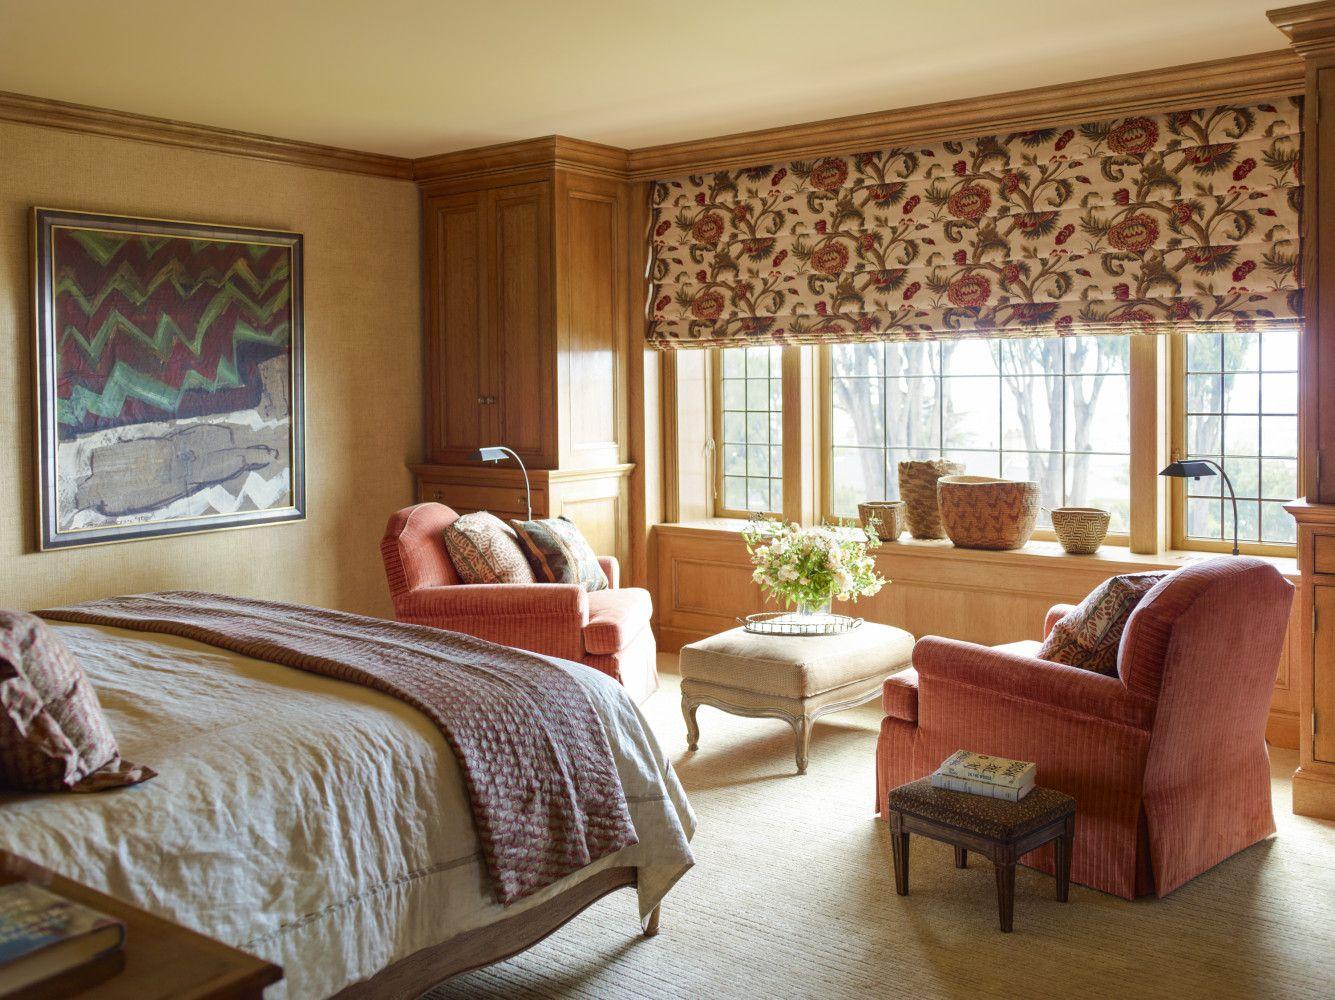 Dorm rooms at harvard harvard avenue residence  kylee shintaffer  bedroom  pinterest